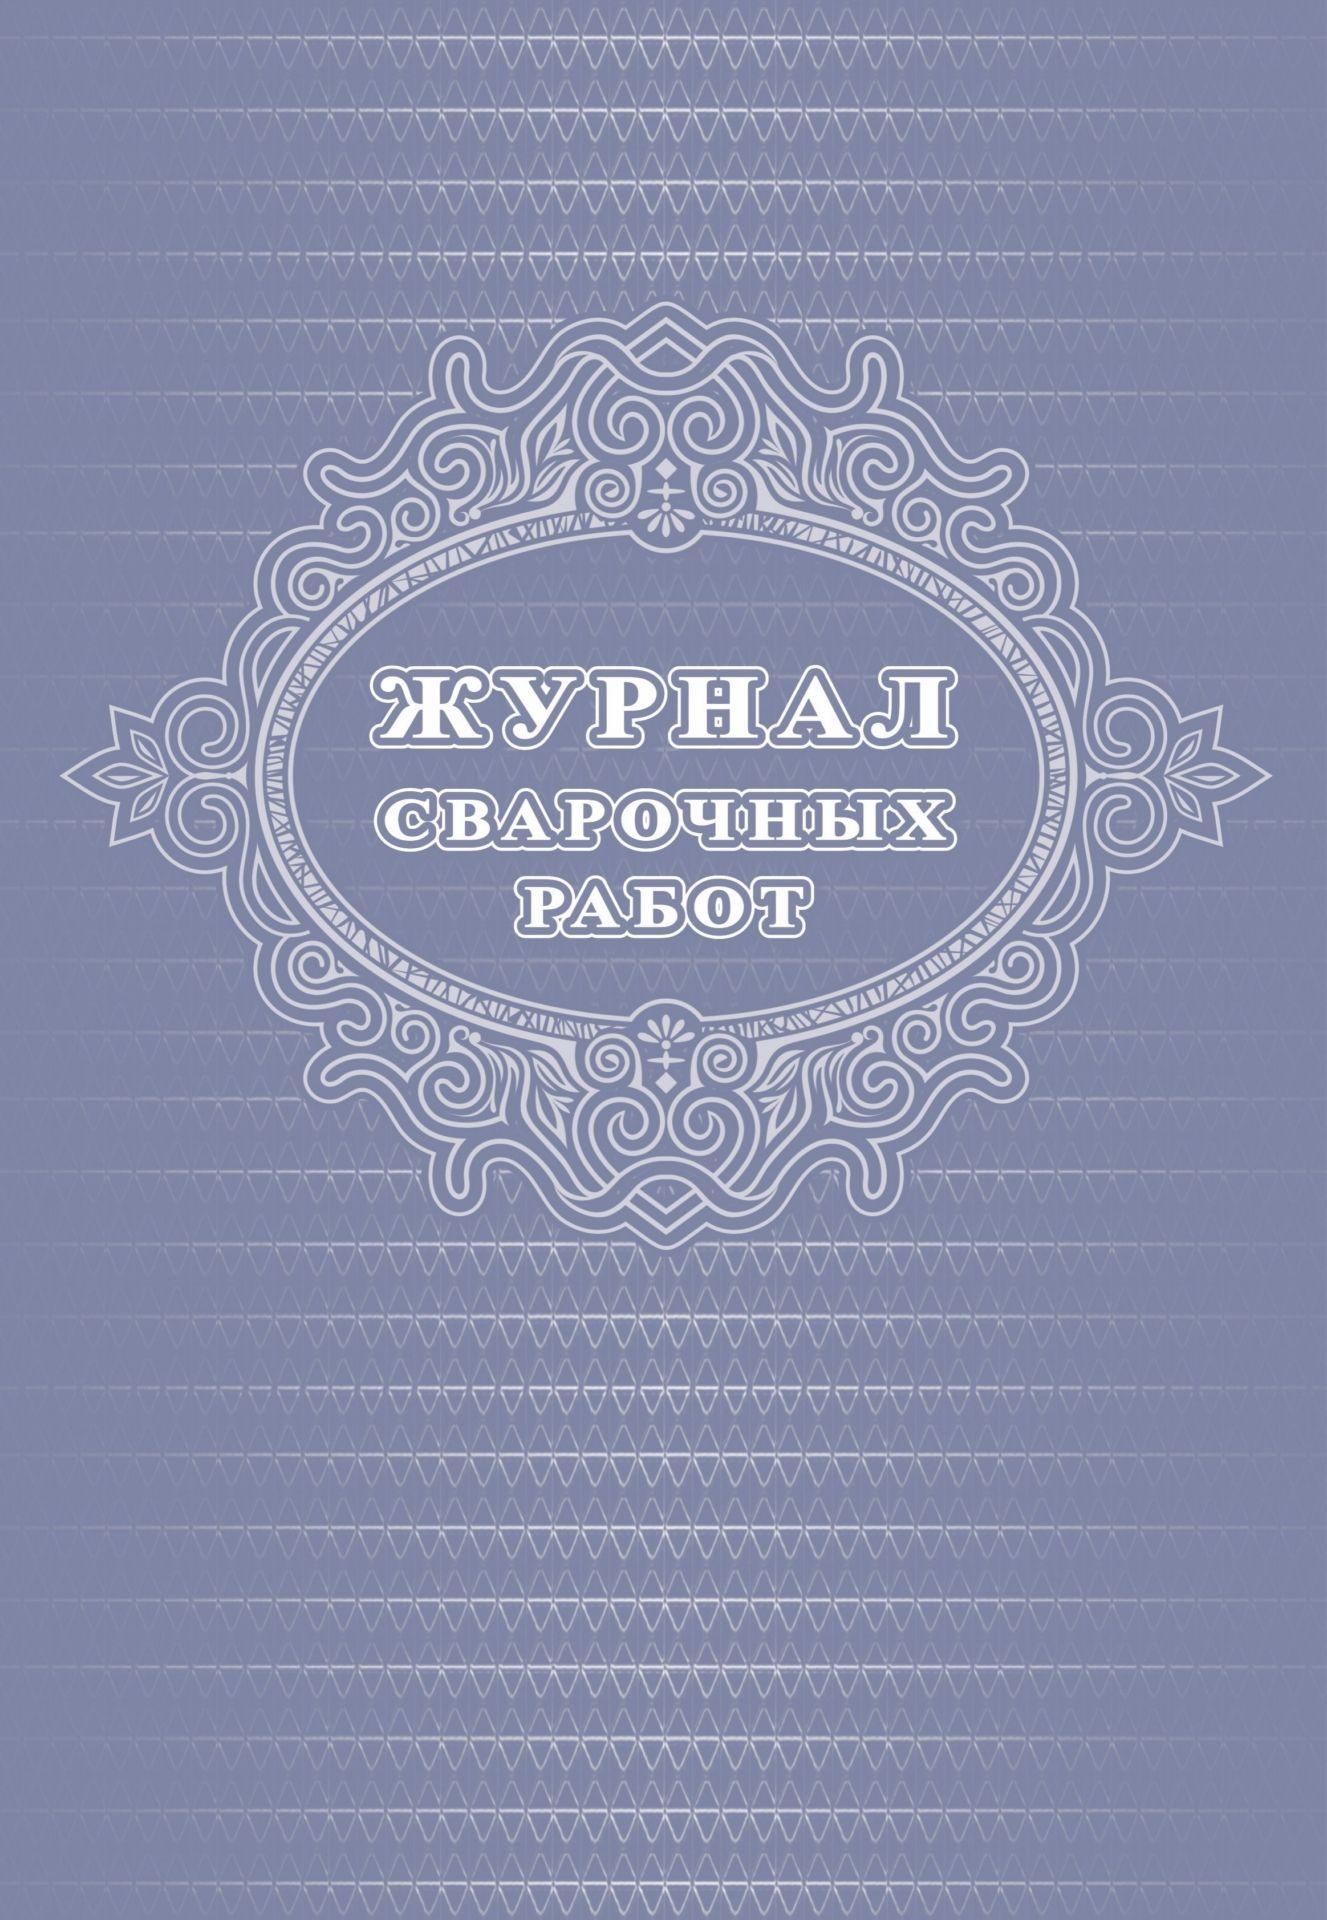 Журнал сварочных работ: 48 стр.